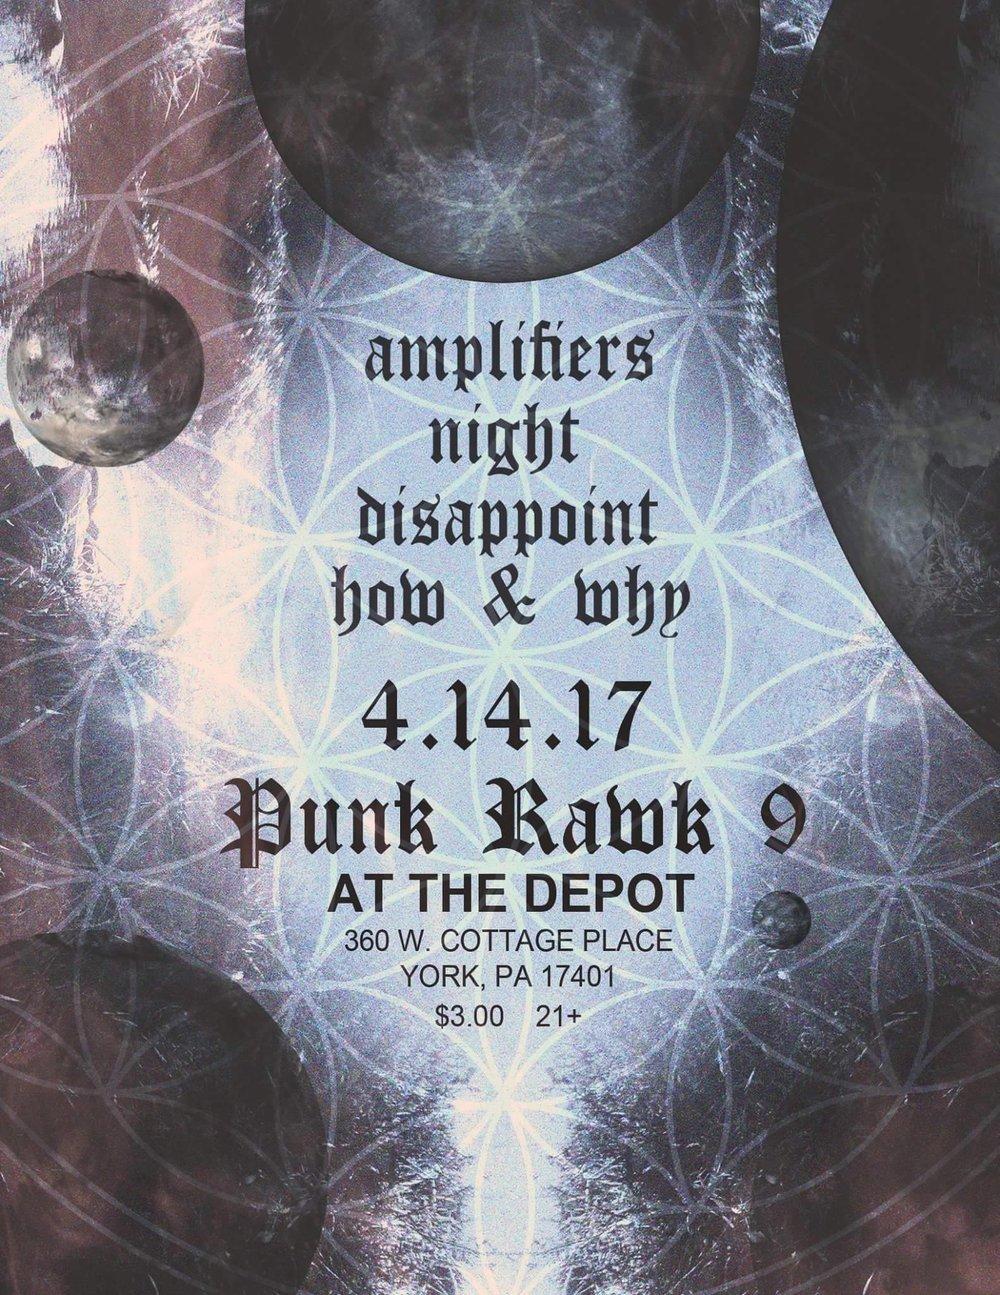 Punk Rawk 9